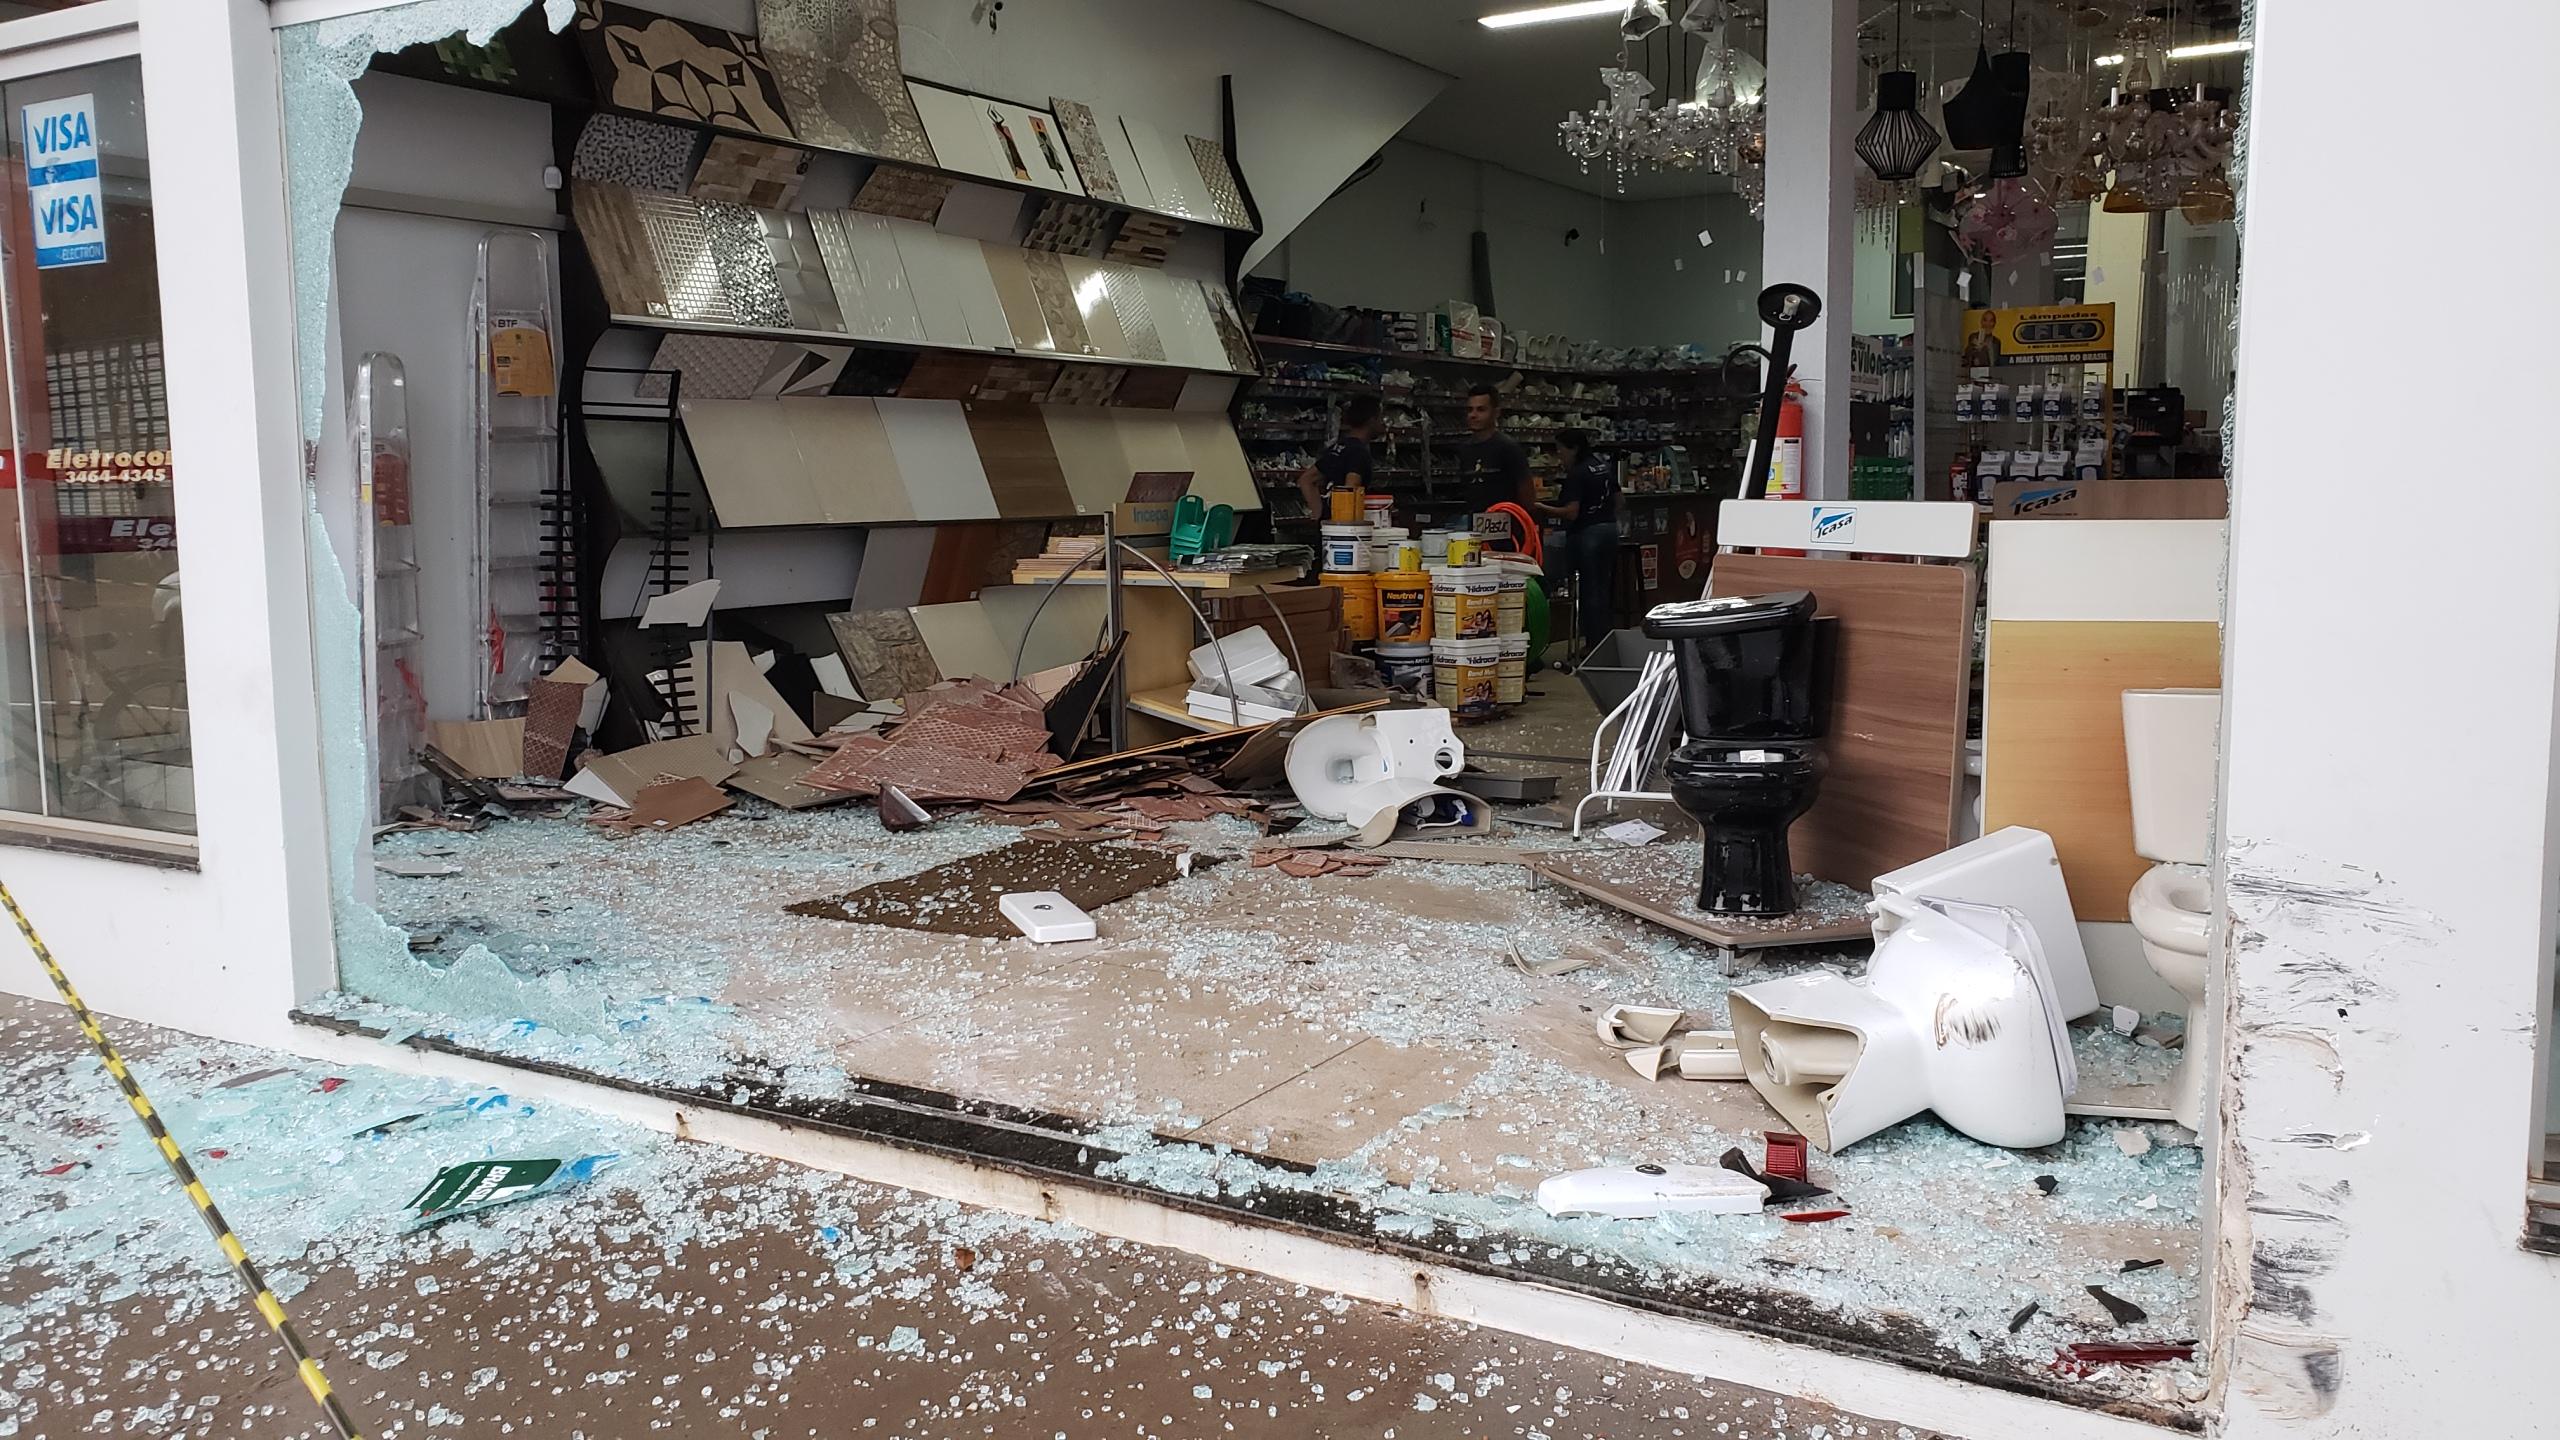 Condutor de veículo perde o controle e invade loja de materiais de construção em Guaraí